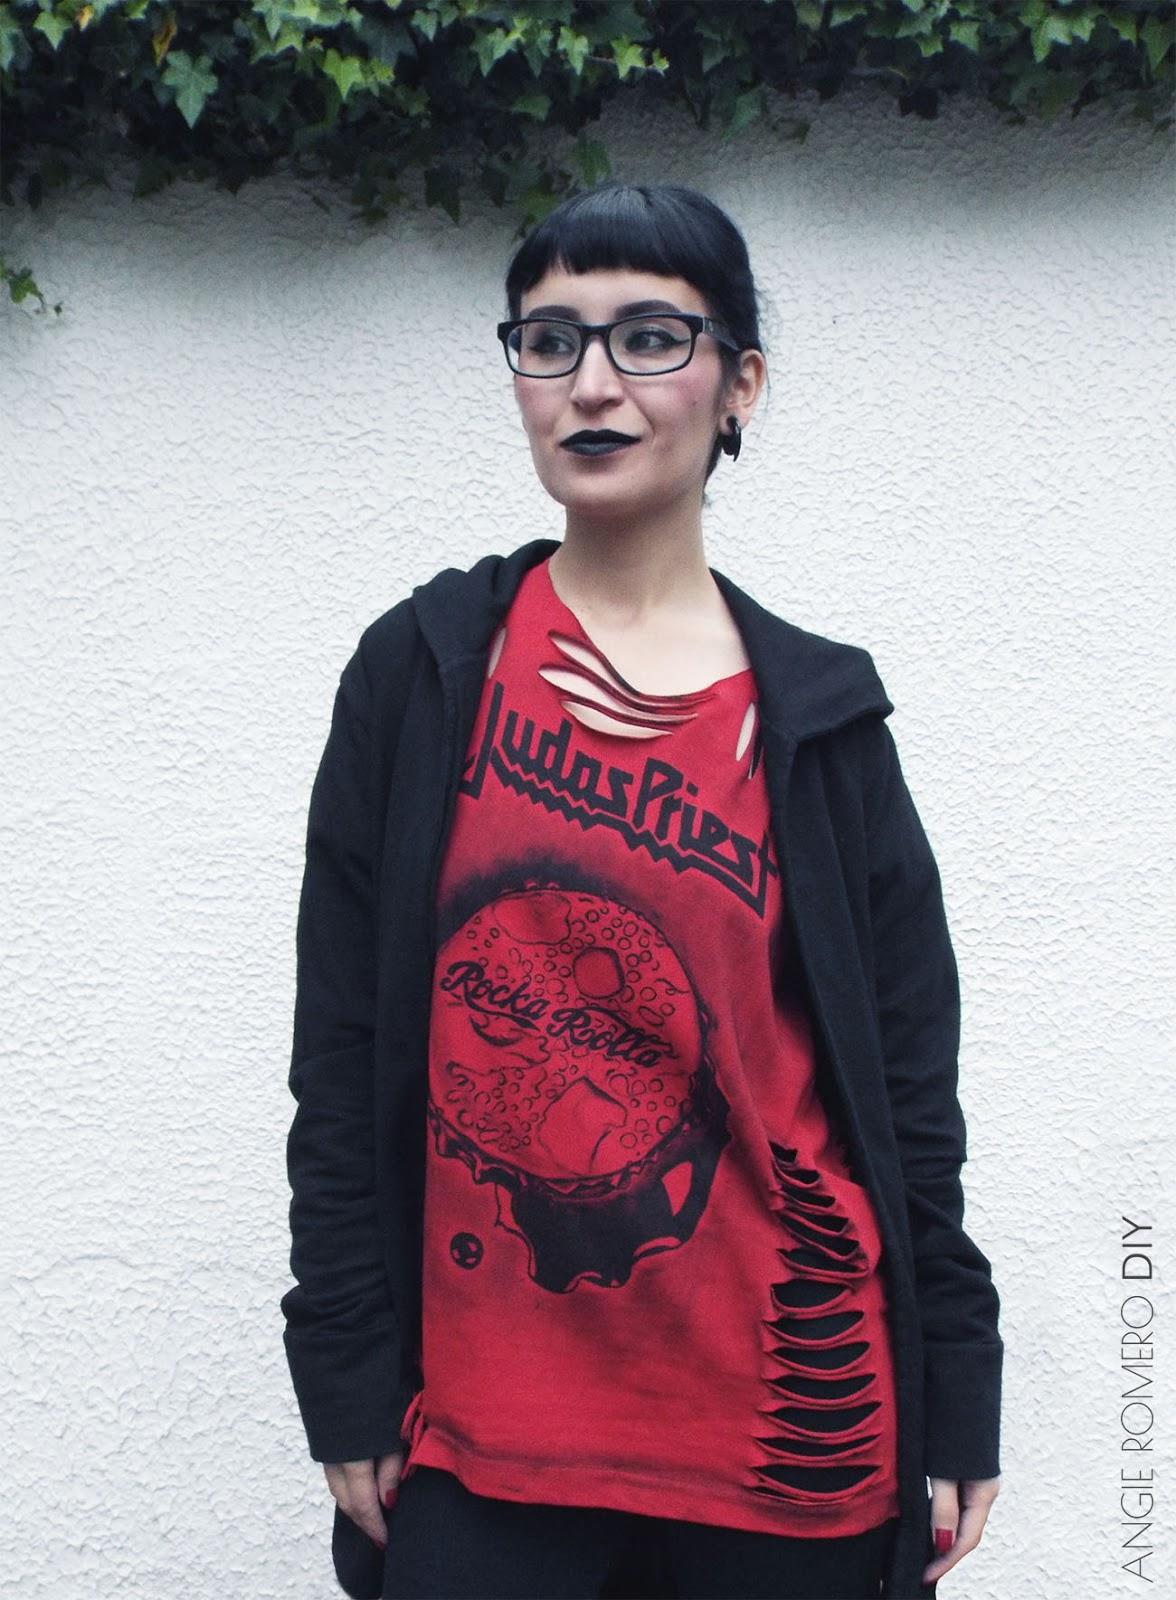 Diseña tus camisetas metaleras destruidas con estampados de grupos pintados